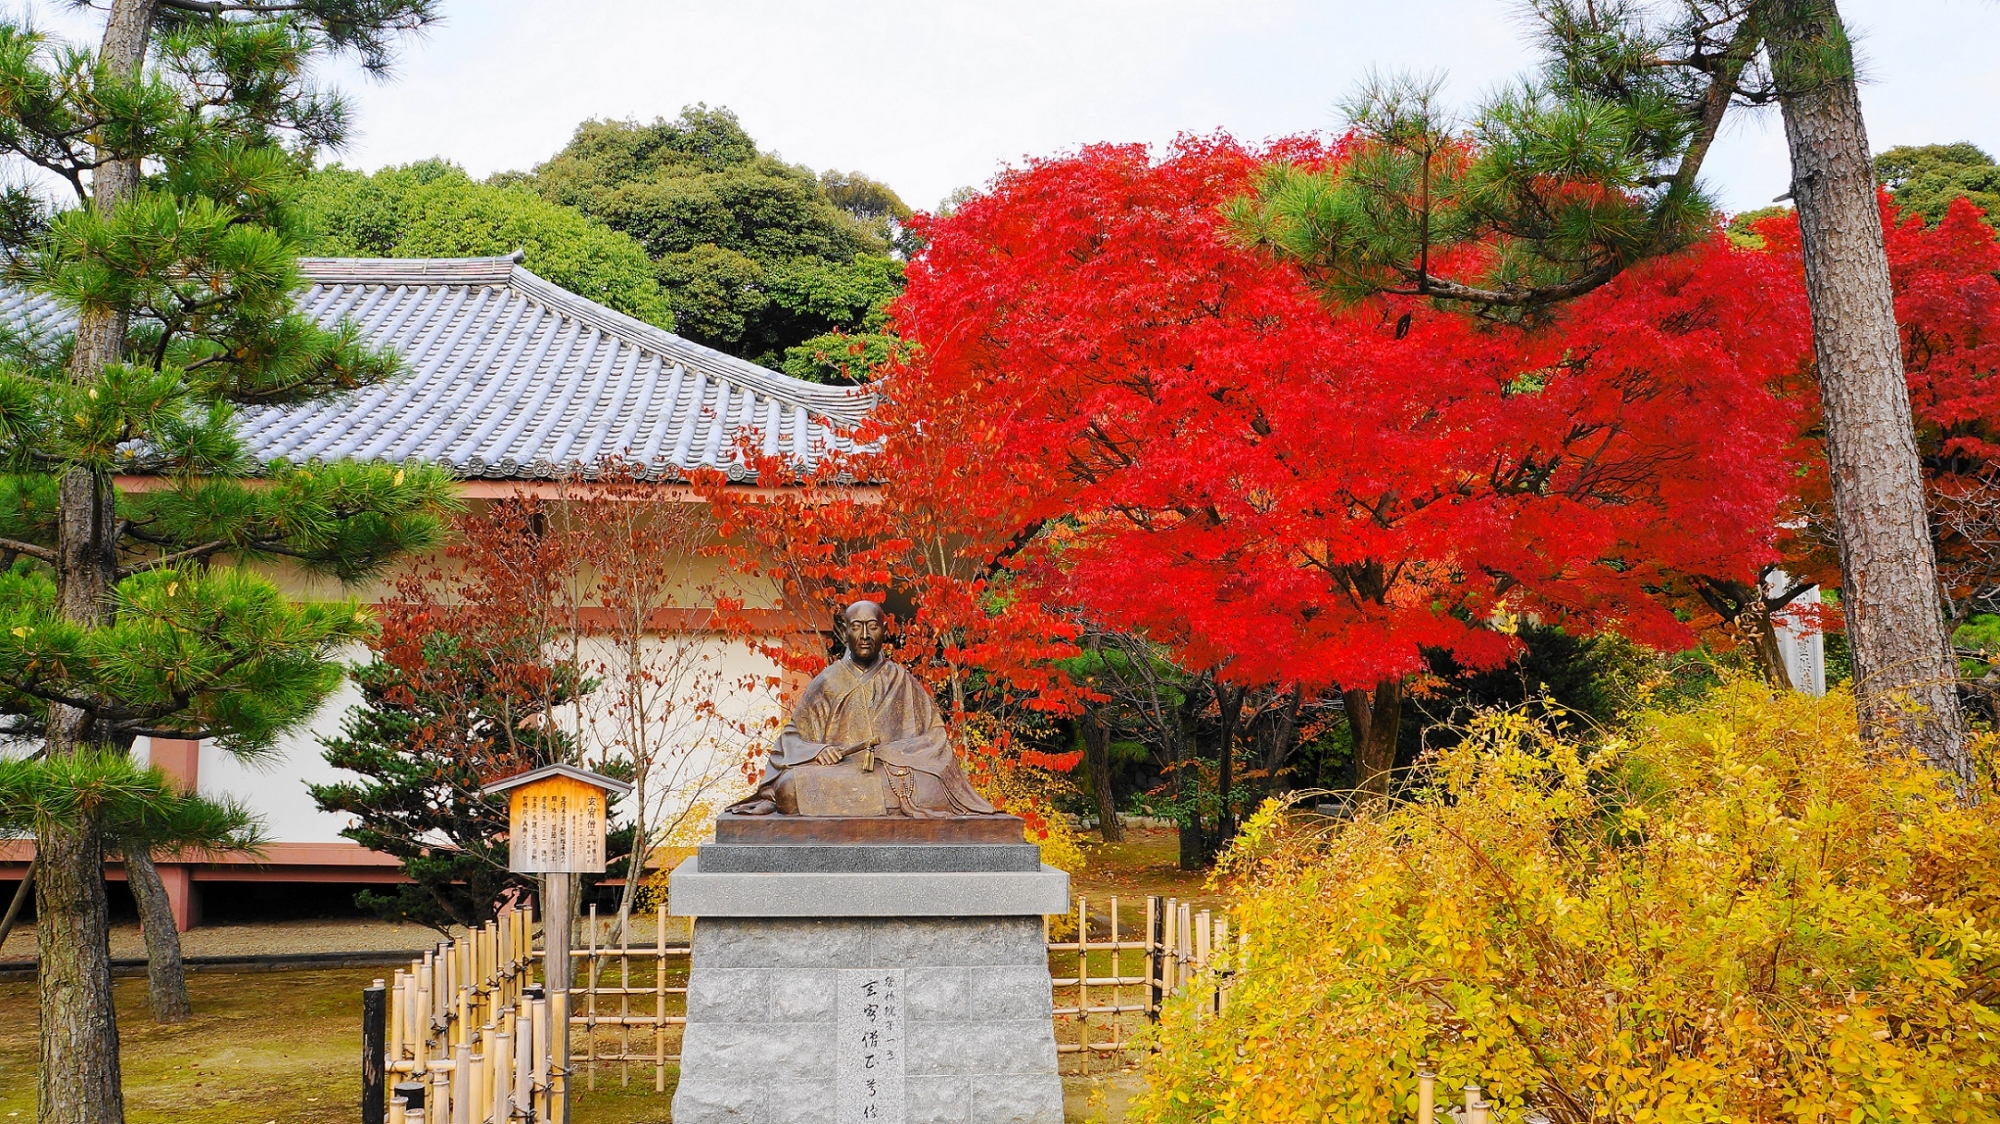 智積院の玄宥僧正像と多彩な秋の彩り